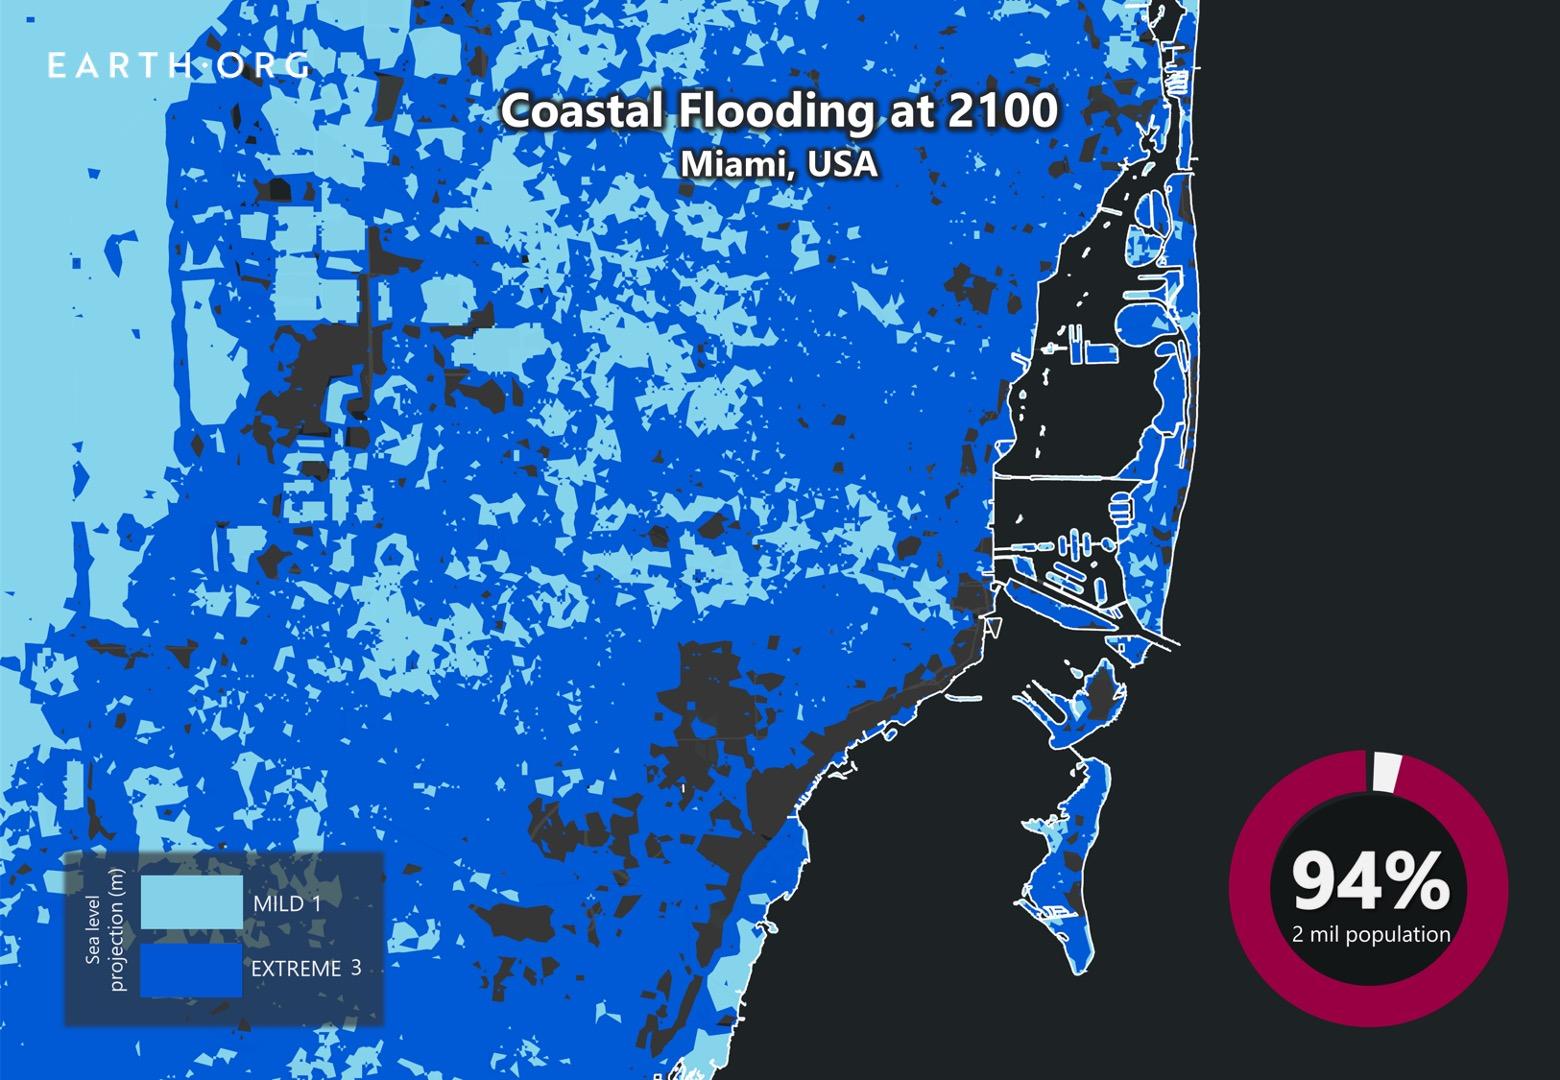 sea level rise by 2100 miami